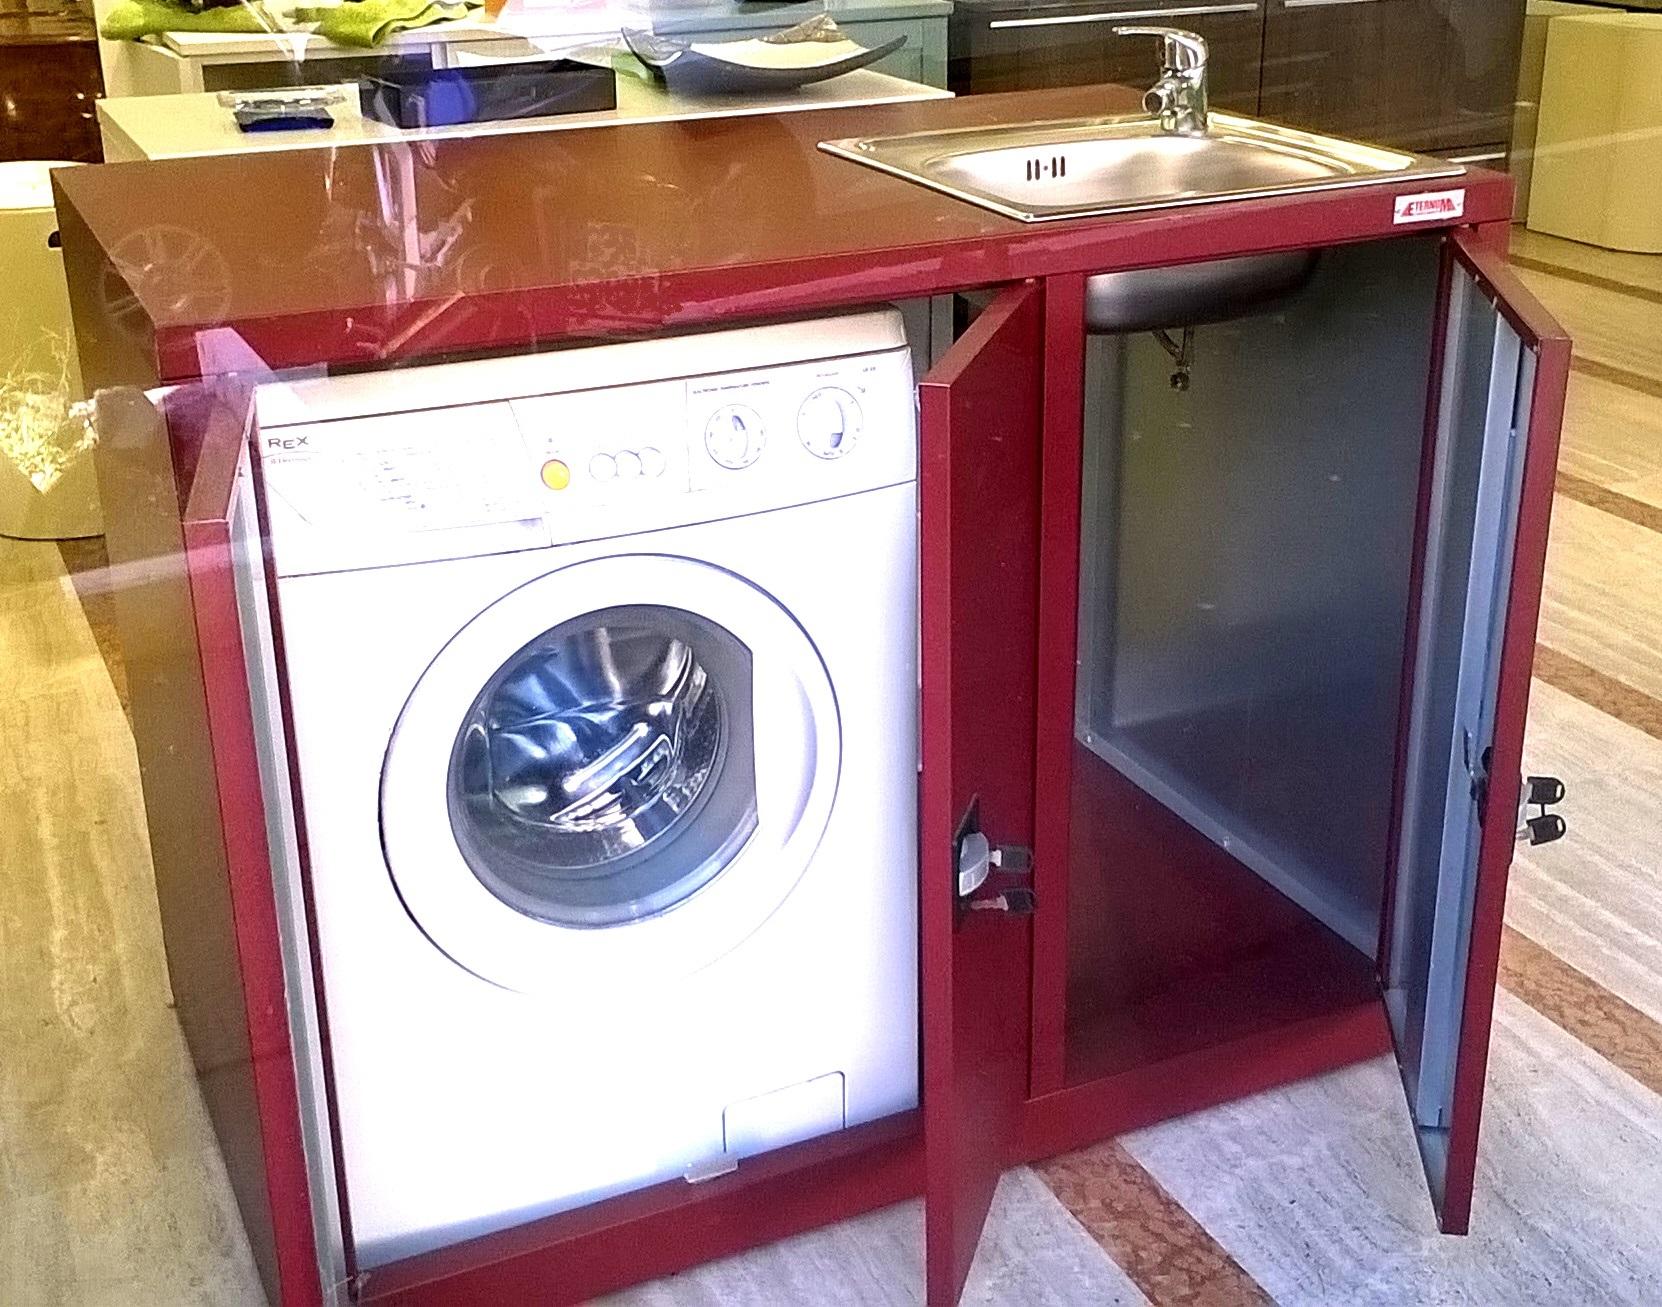 Armadietti da esterno per lavatrici ikea armadi per esterni armadietti esterno armadio da - Armadietti da esterno ikea ...